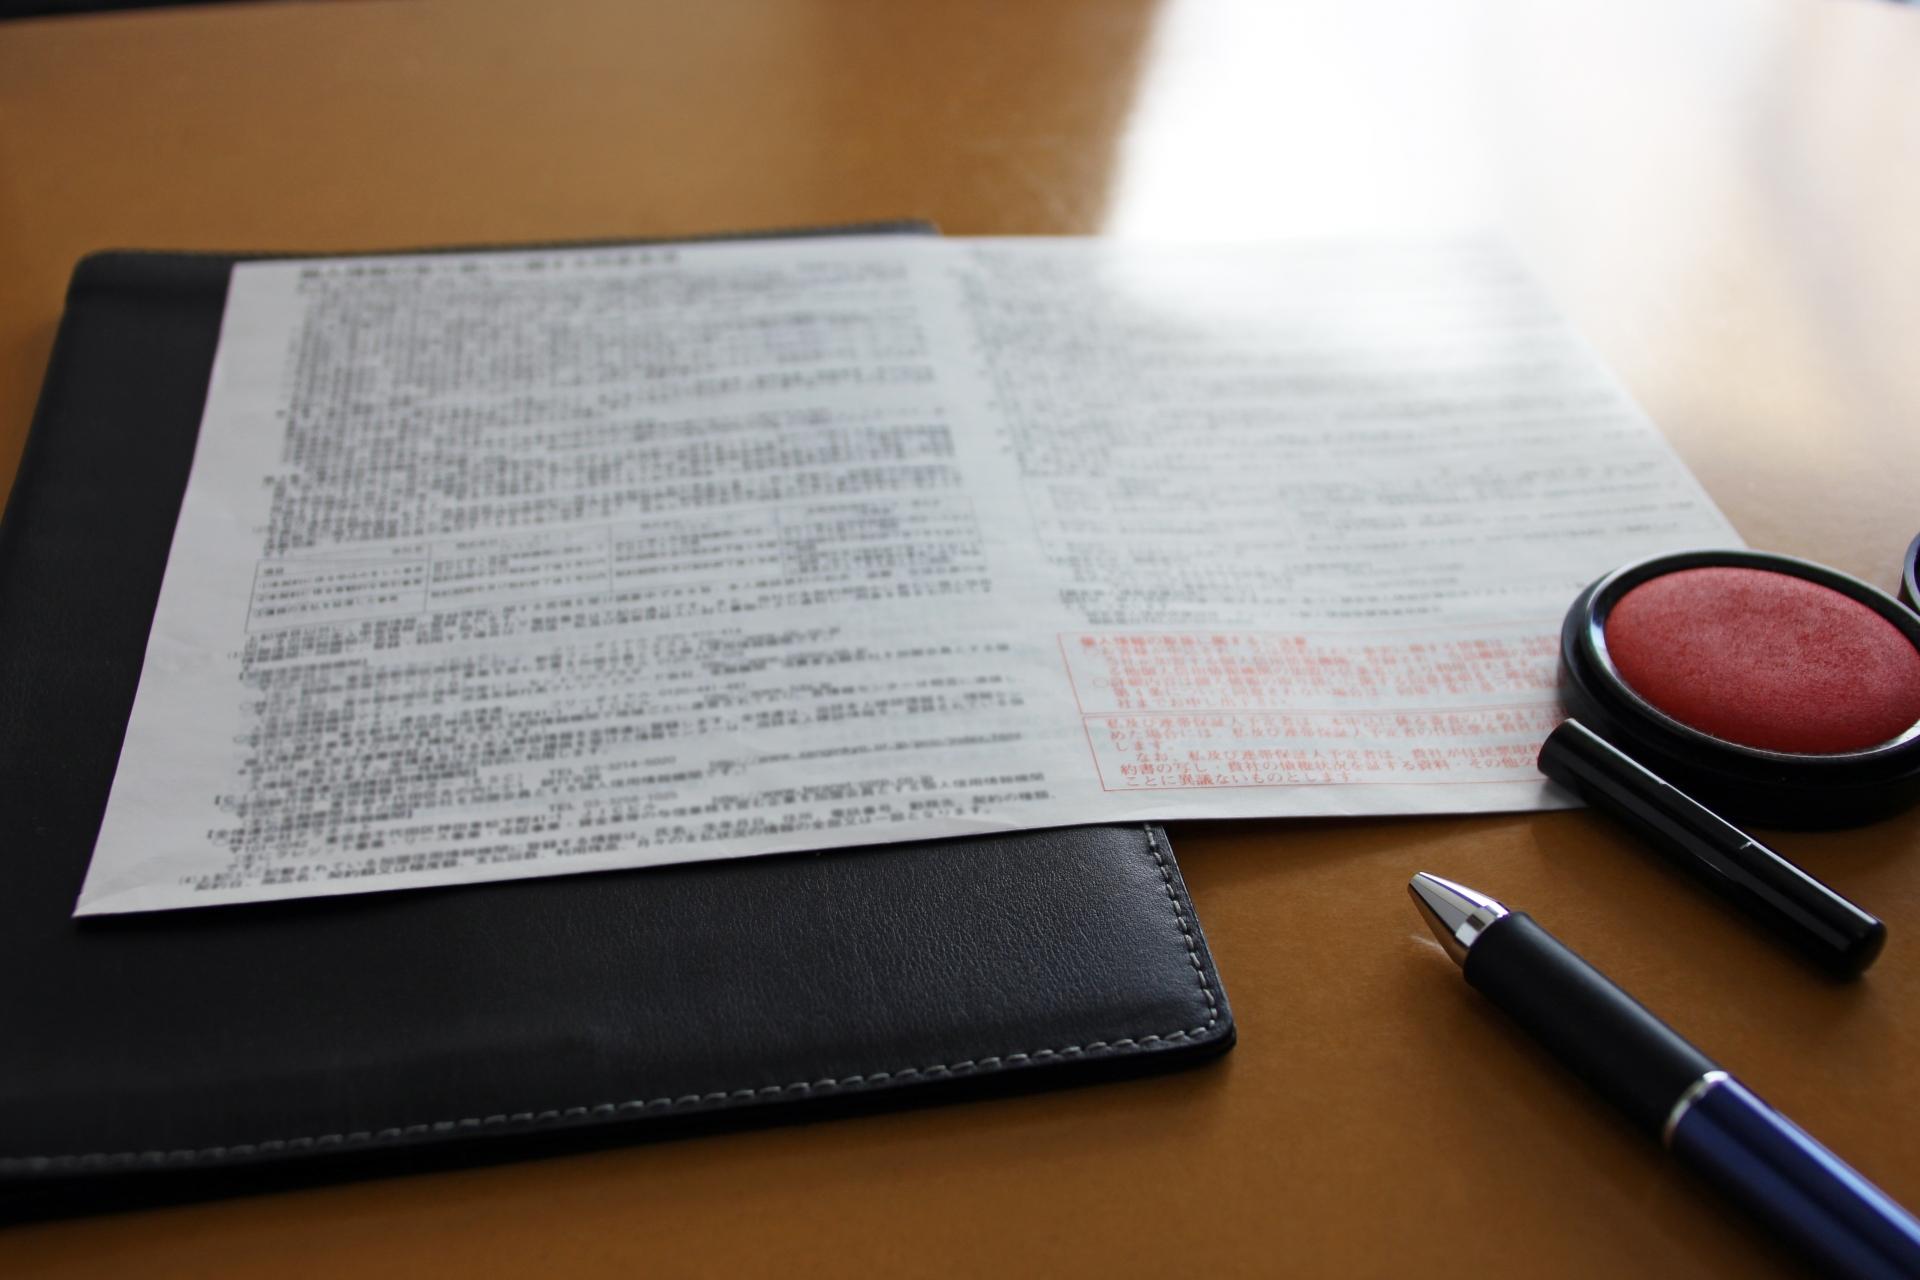 営業代行契約書の役割り